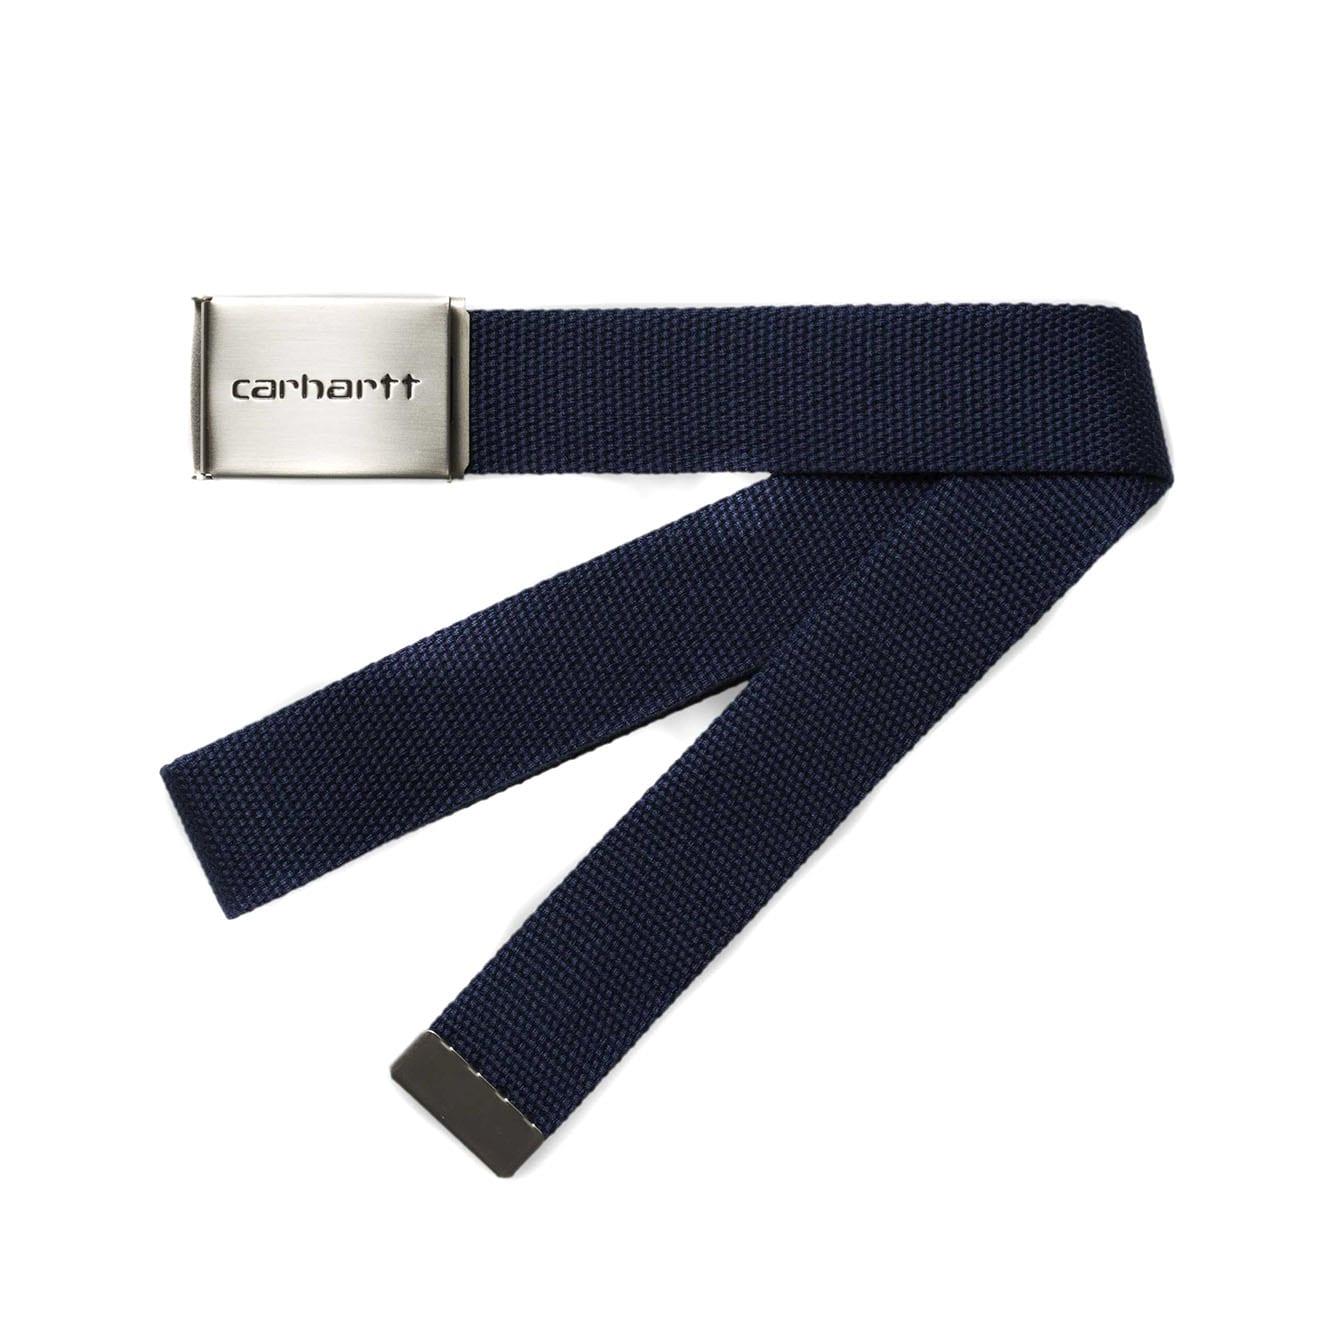 carhartt clip belt dark navy